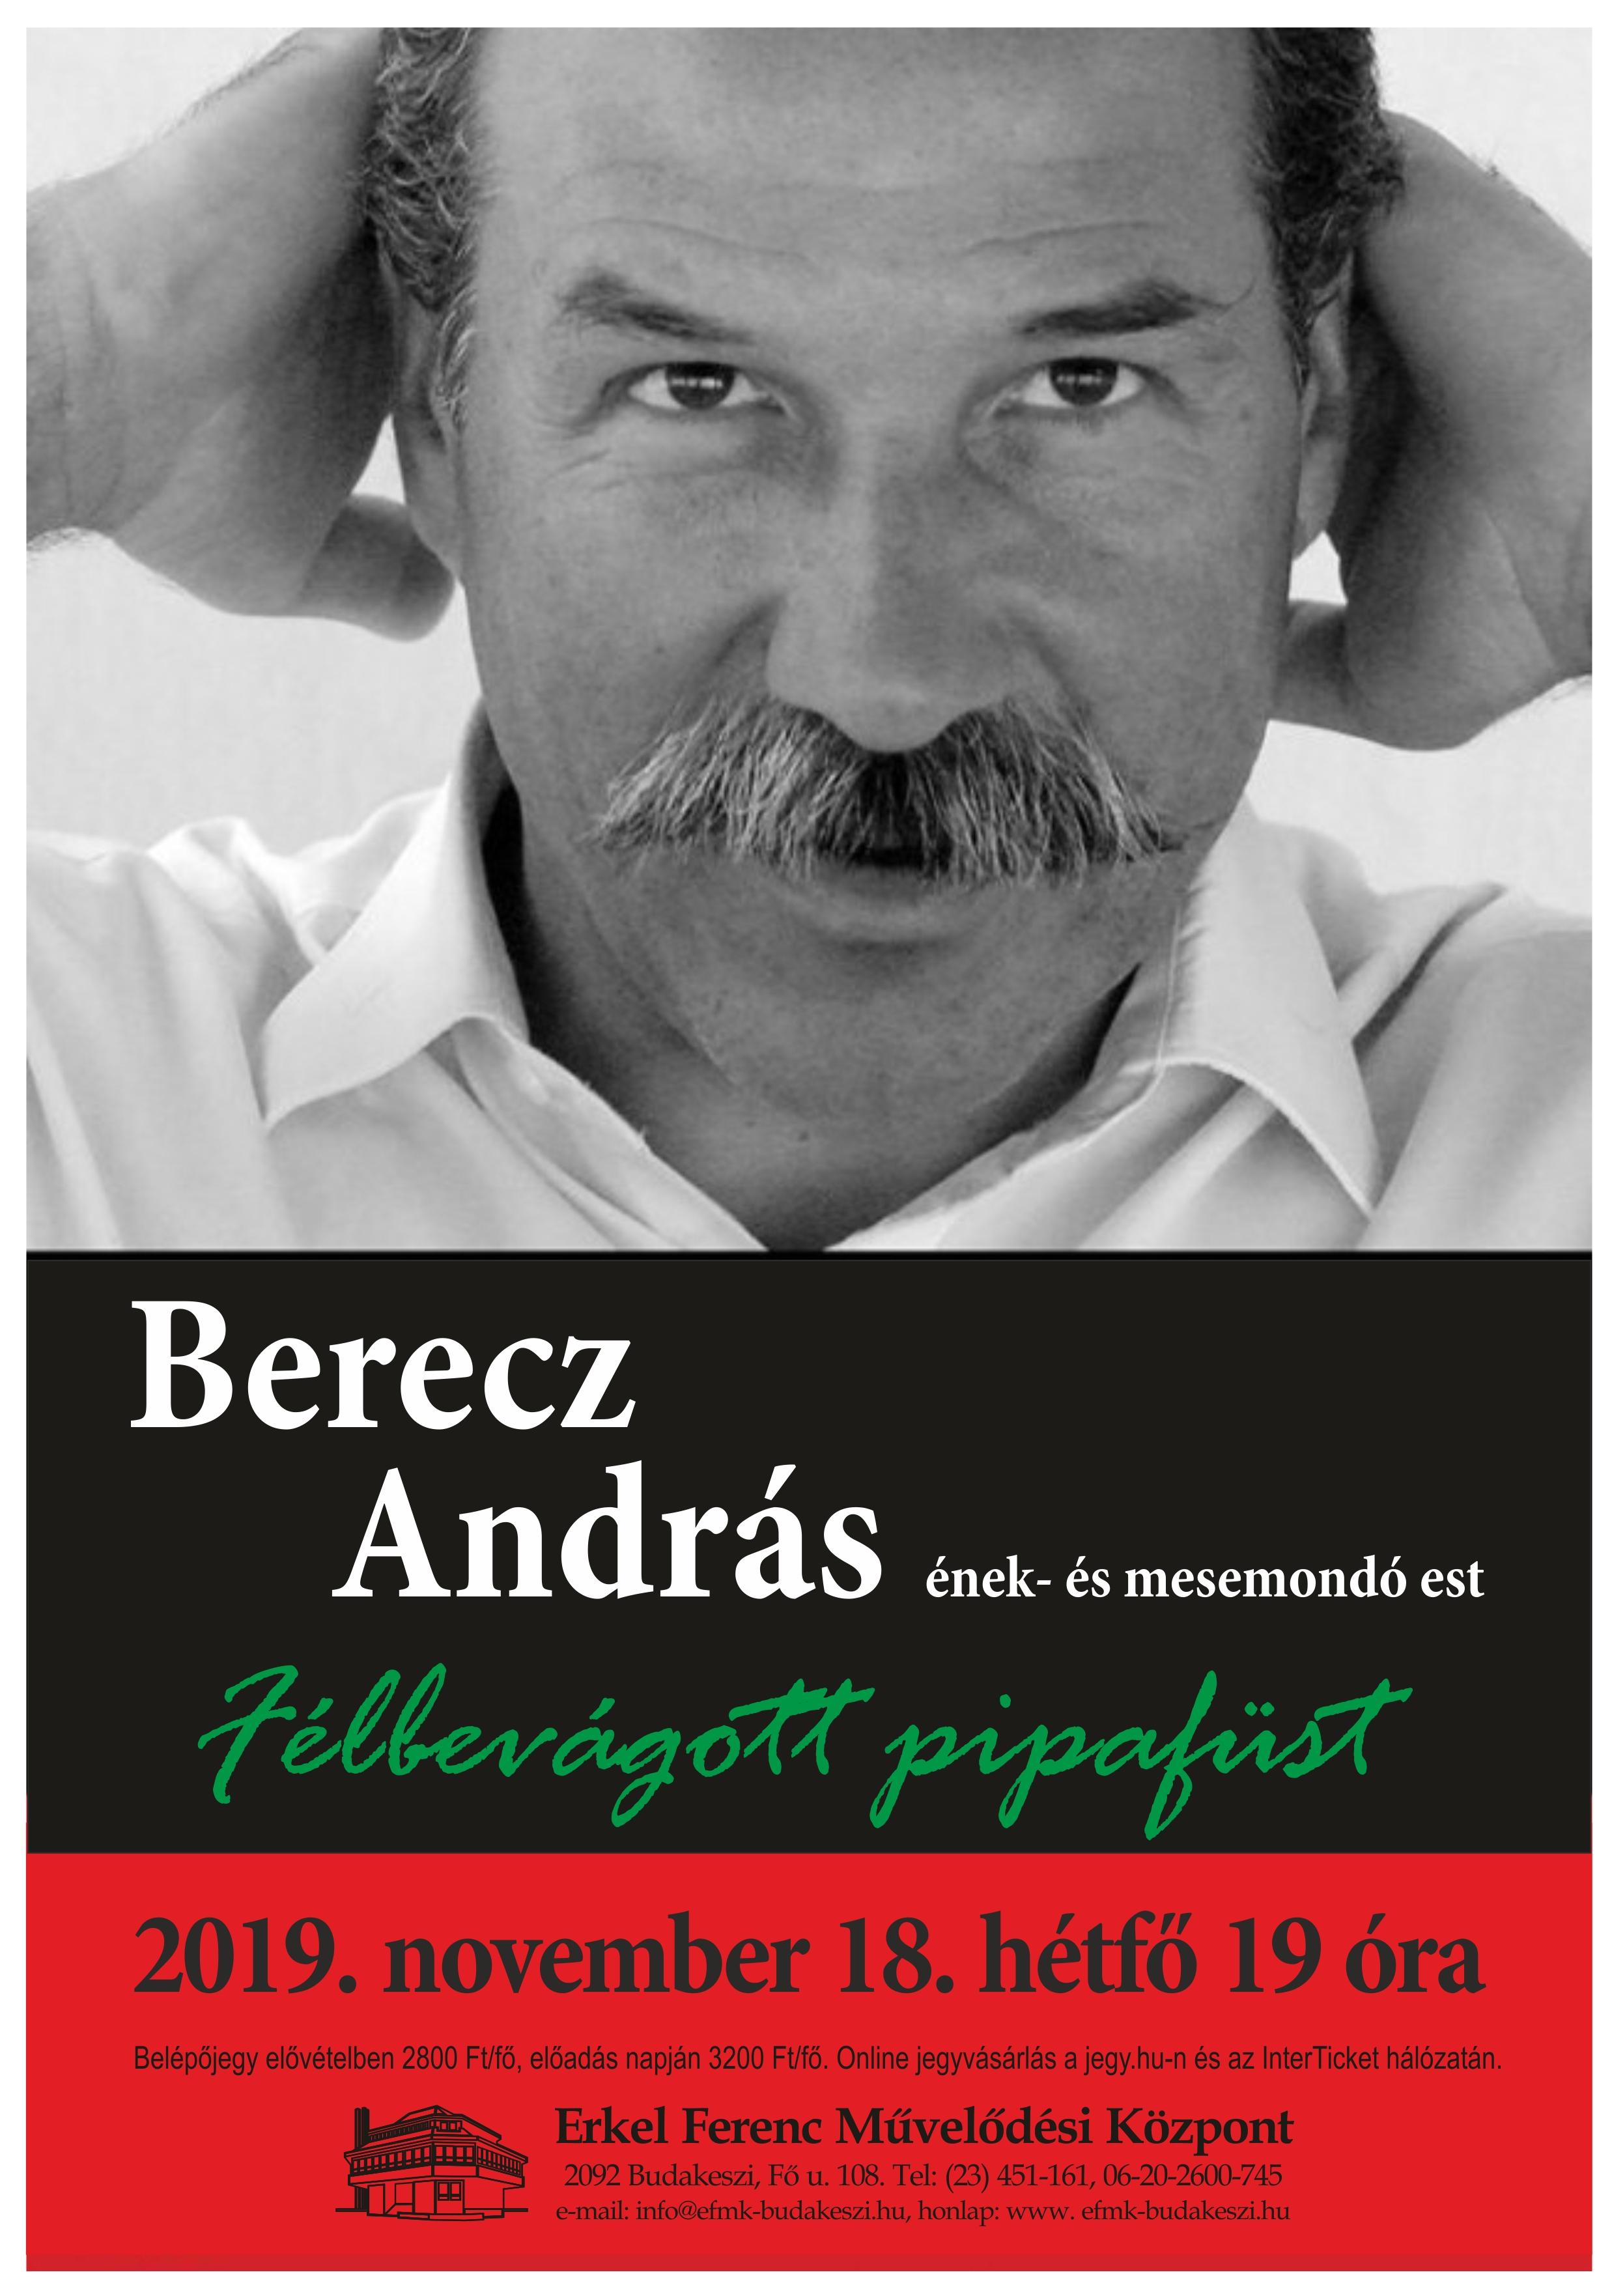 Berecz András - Ének- és mesemondó est